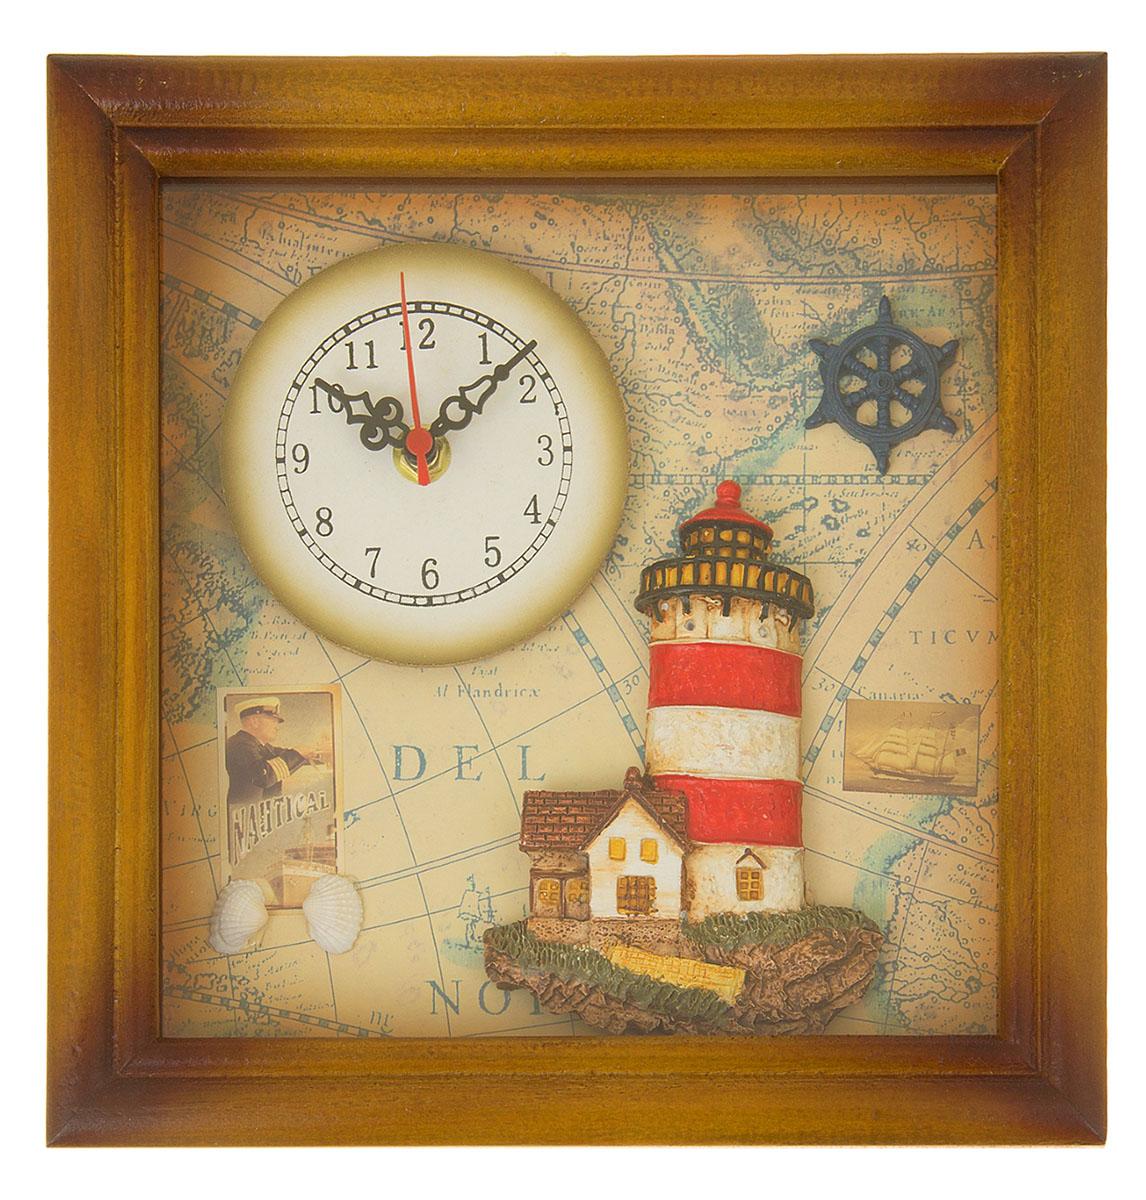 Часы настенные Маяк, 25 х 25 см1030983Каждому хозяину периодически приходит мысль обновить свою квартиру, сделать ремонт, перестановку или кардинально поменять внешний вид каждой комнаты. Часы настенные Маяк и морская карта — привлекательная деталь, которая поможет воплотить вашу интерьерную идею, создать неповторимую атмосферу в вашем доме. Окружите себя приятными мелочами, пусть они радуют глаз и дарят гармонию.часы настенные Маяк.Картина 25*25см 1030983